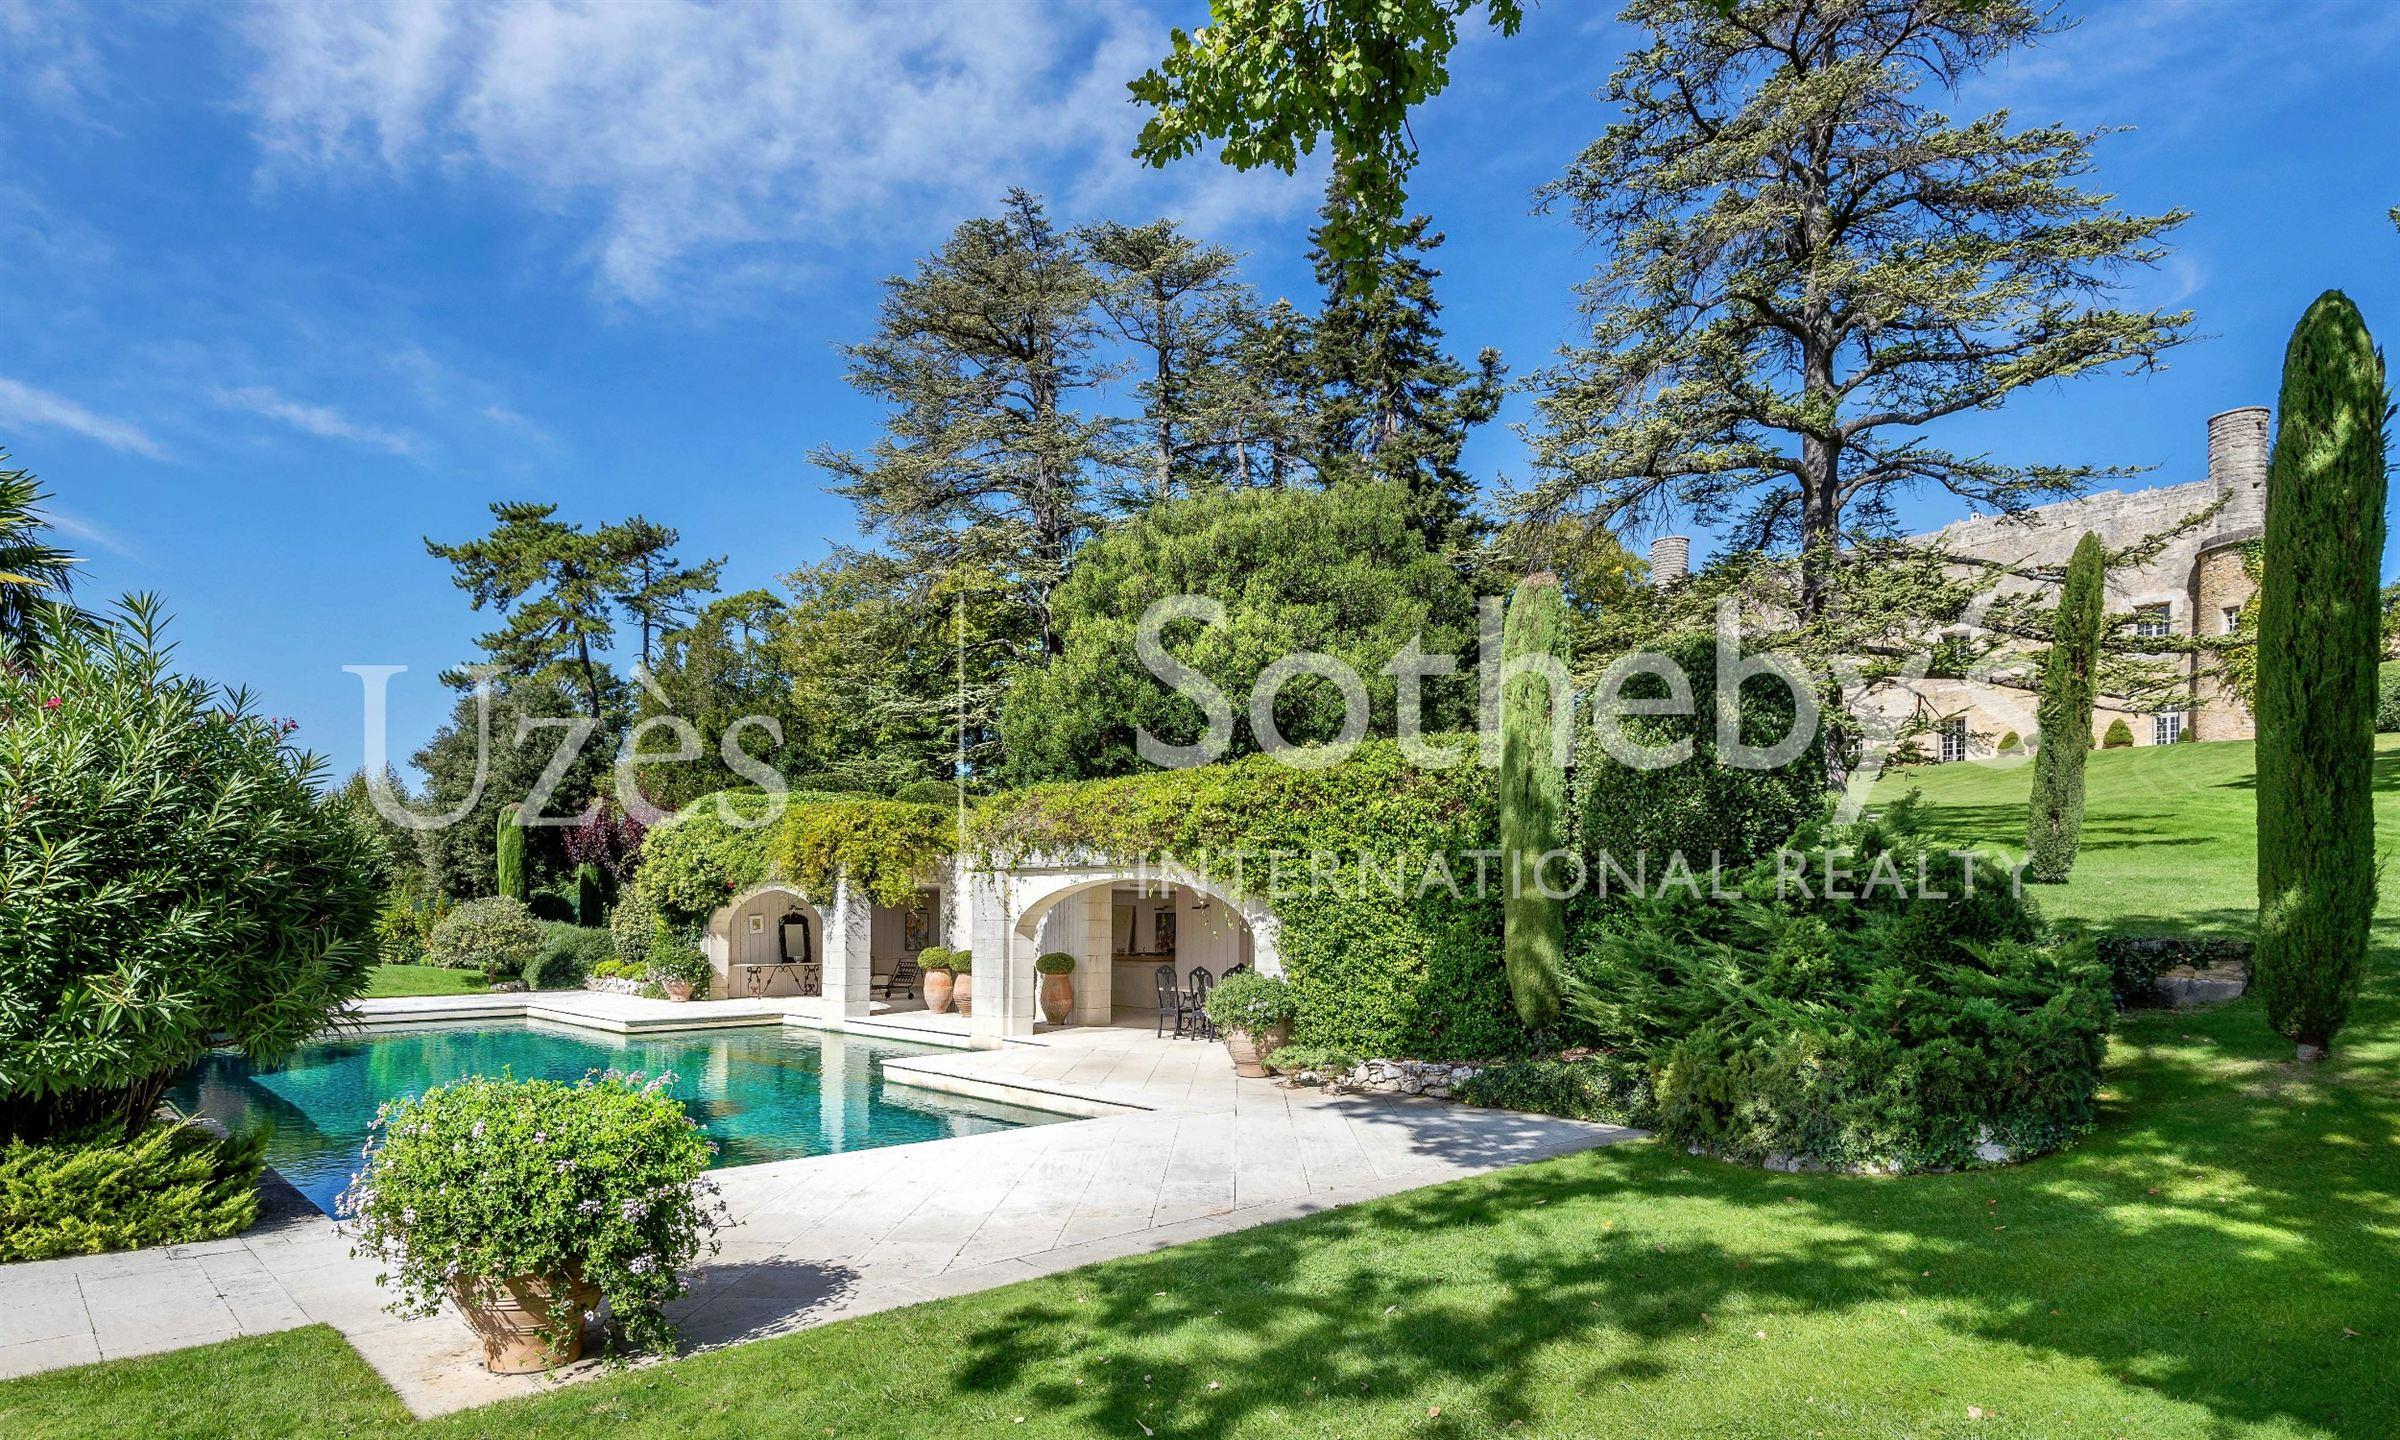 Einfamilienhaus für Verkauf beim LUXURIOUS CHATEAU, UZES Uzes, Languedoc-Roussillon, 30700 Frankreich